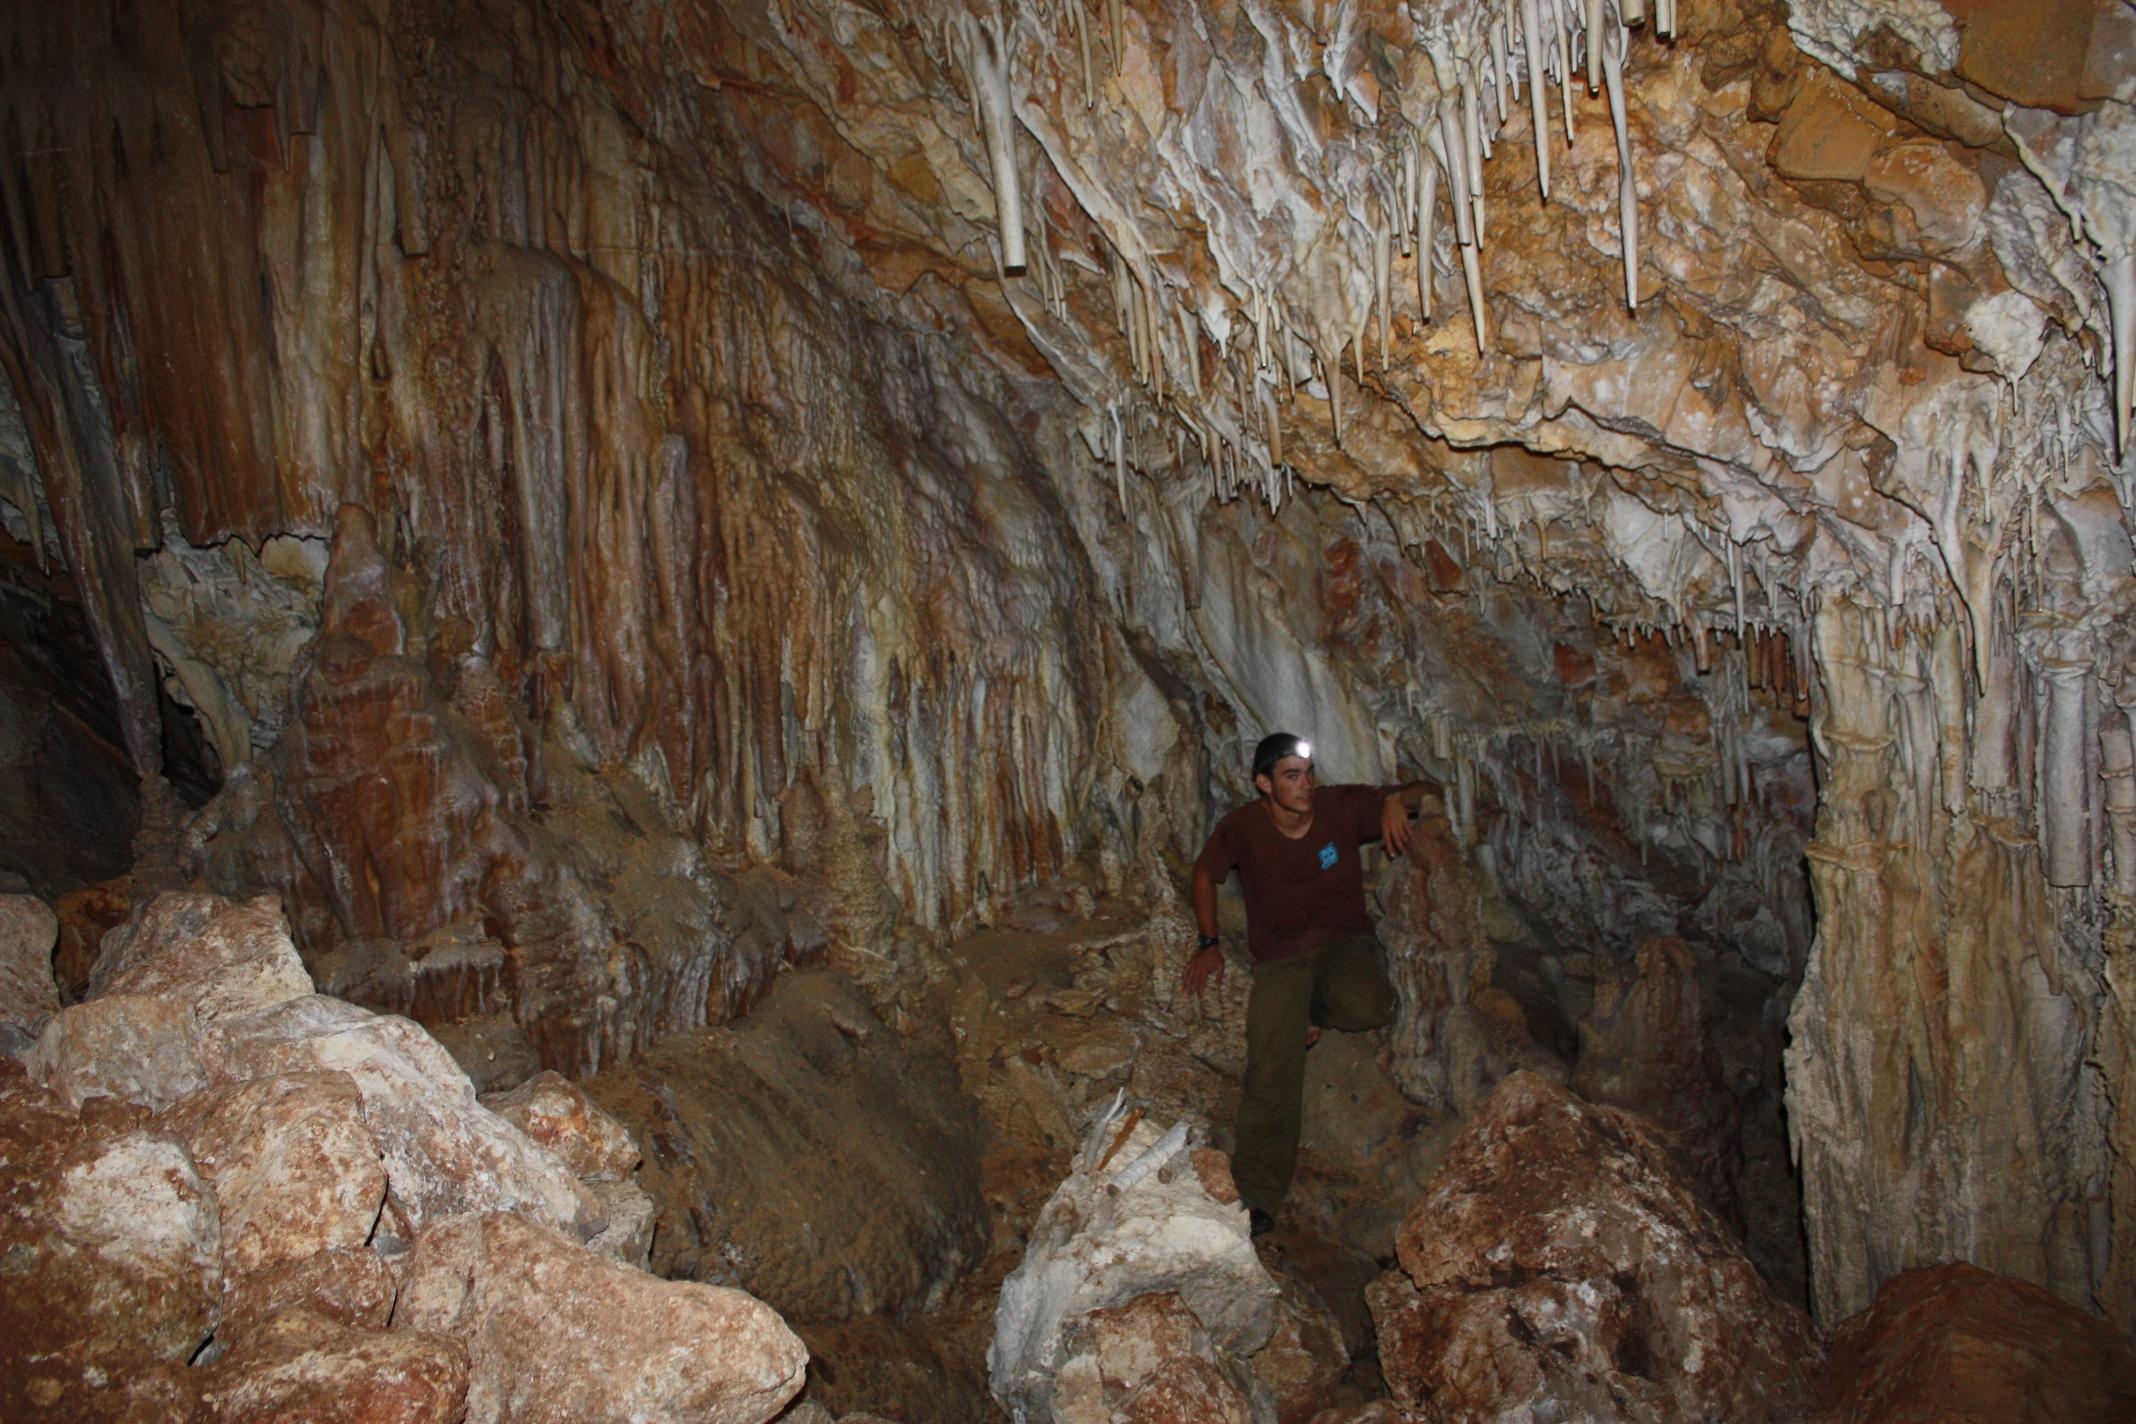 החלל העיקרי במערה - עושר אדיר של משקעי מערות